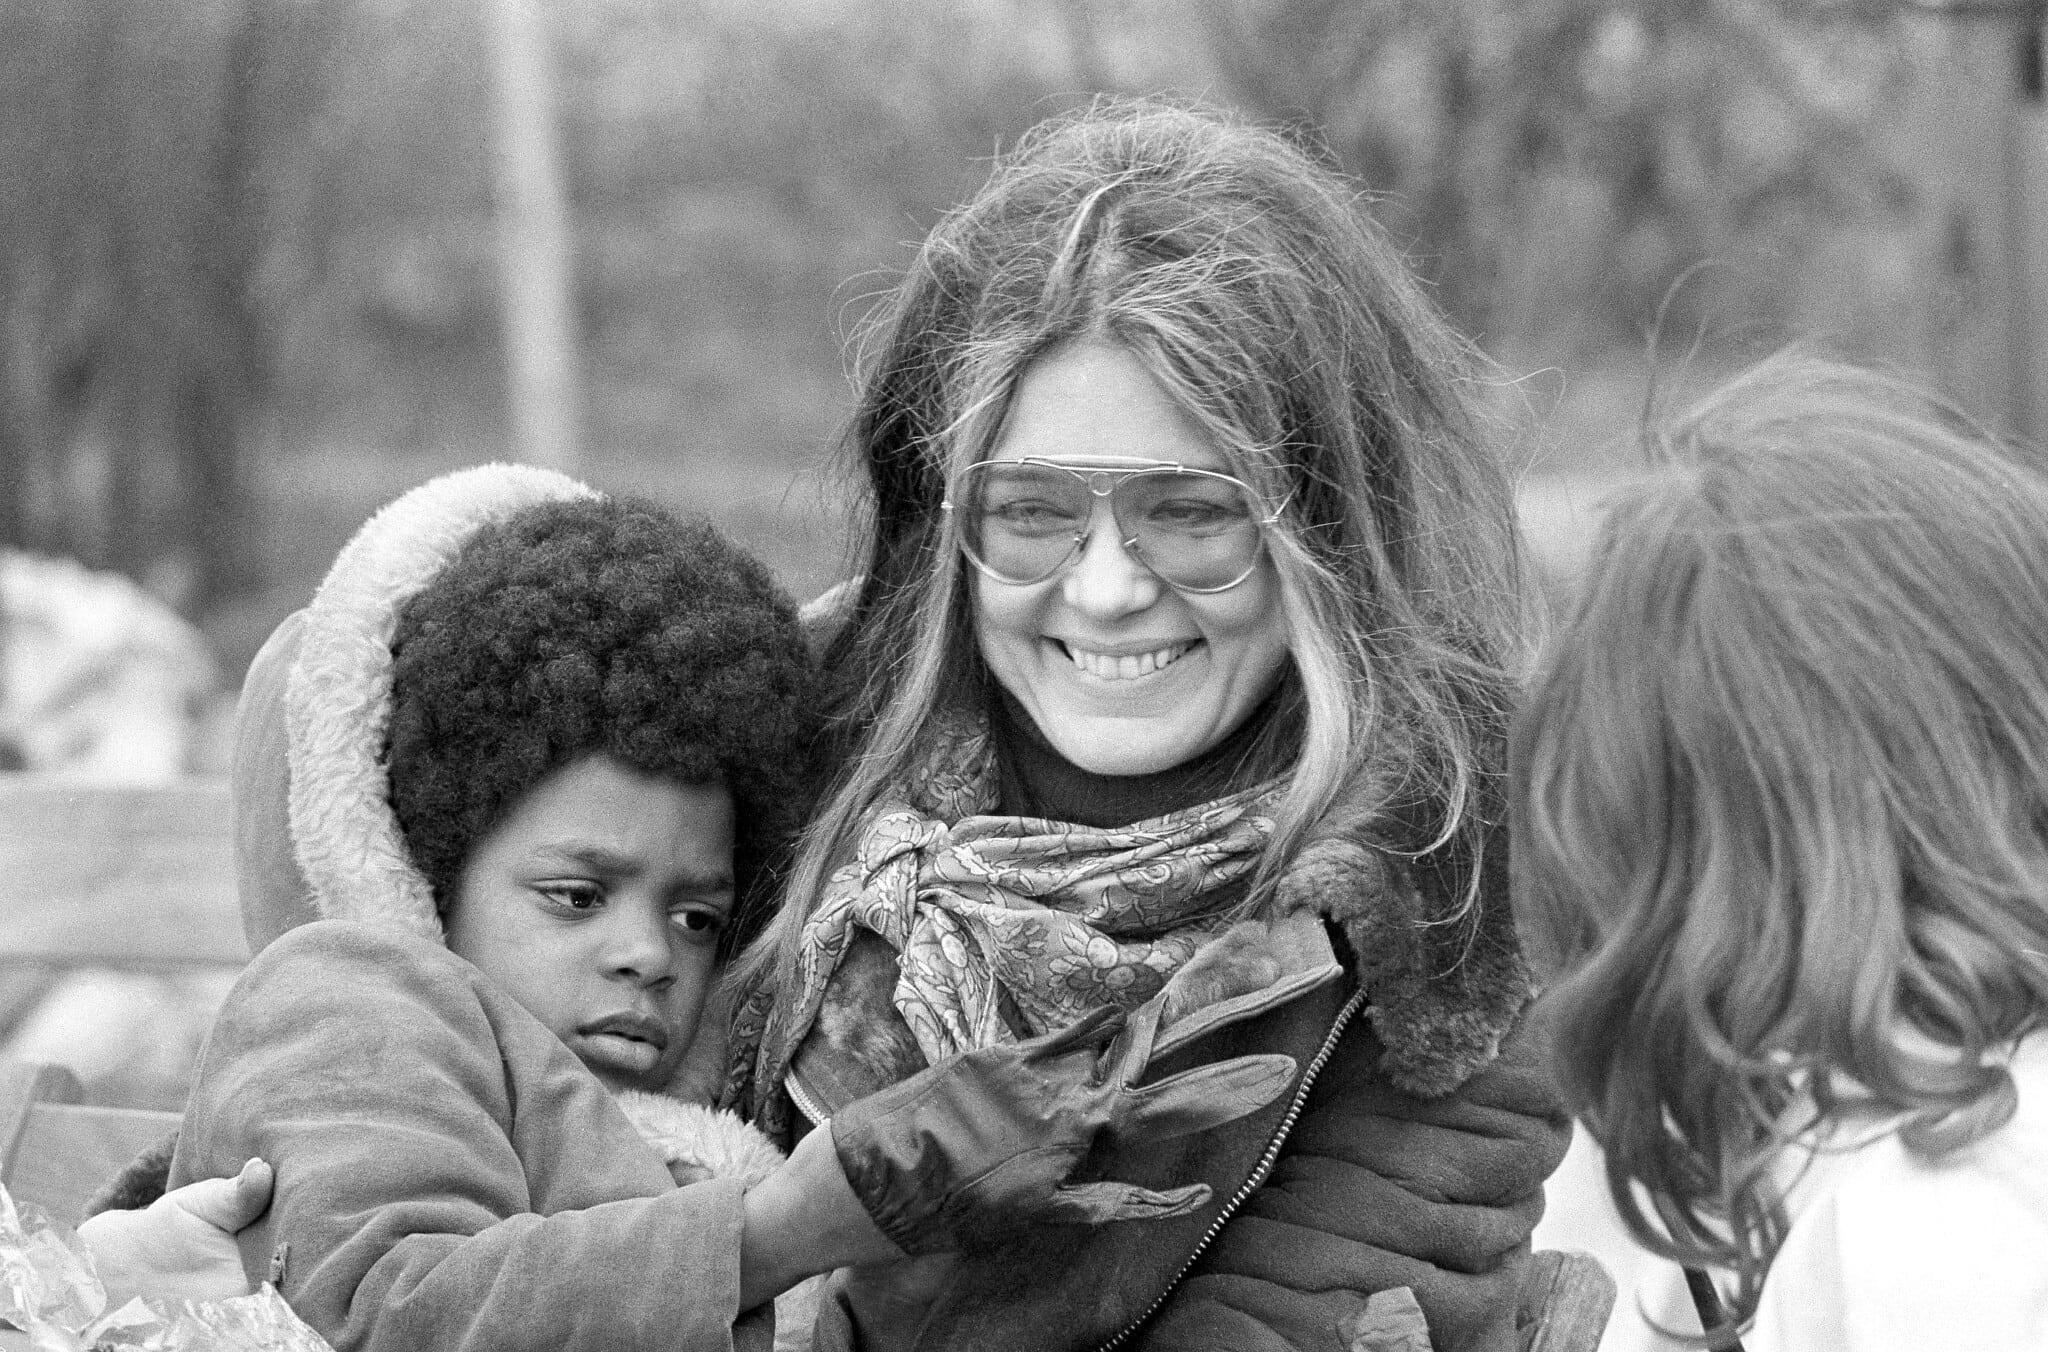 הפעילה החברתית גלוריה סטיינם בעצרת בוושינגטון לאחר צעדה ליד הבית הלבן, 25 במרץ 1972 (צילום: AP Photo / Charles Harrity)